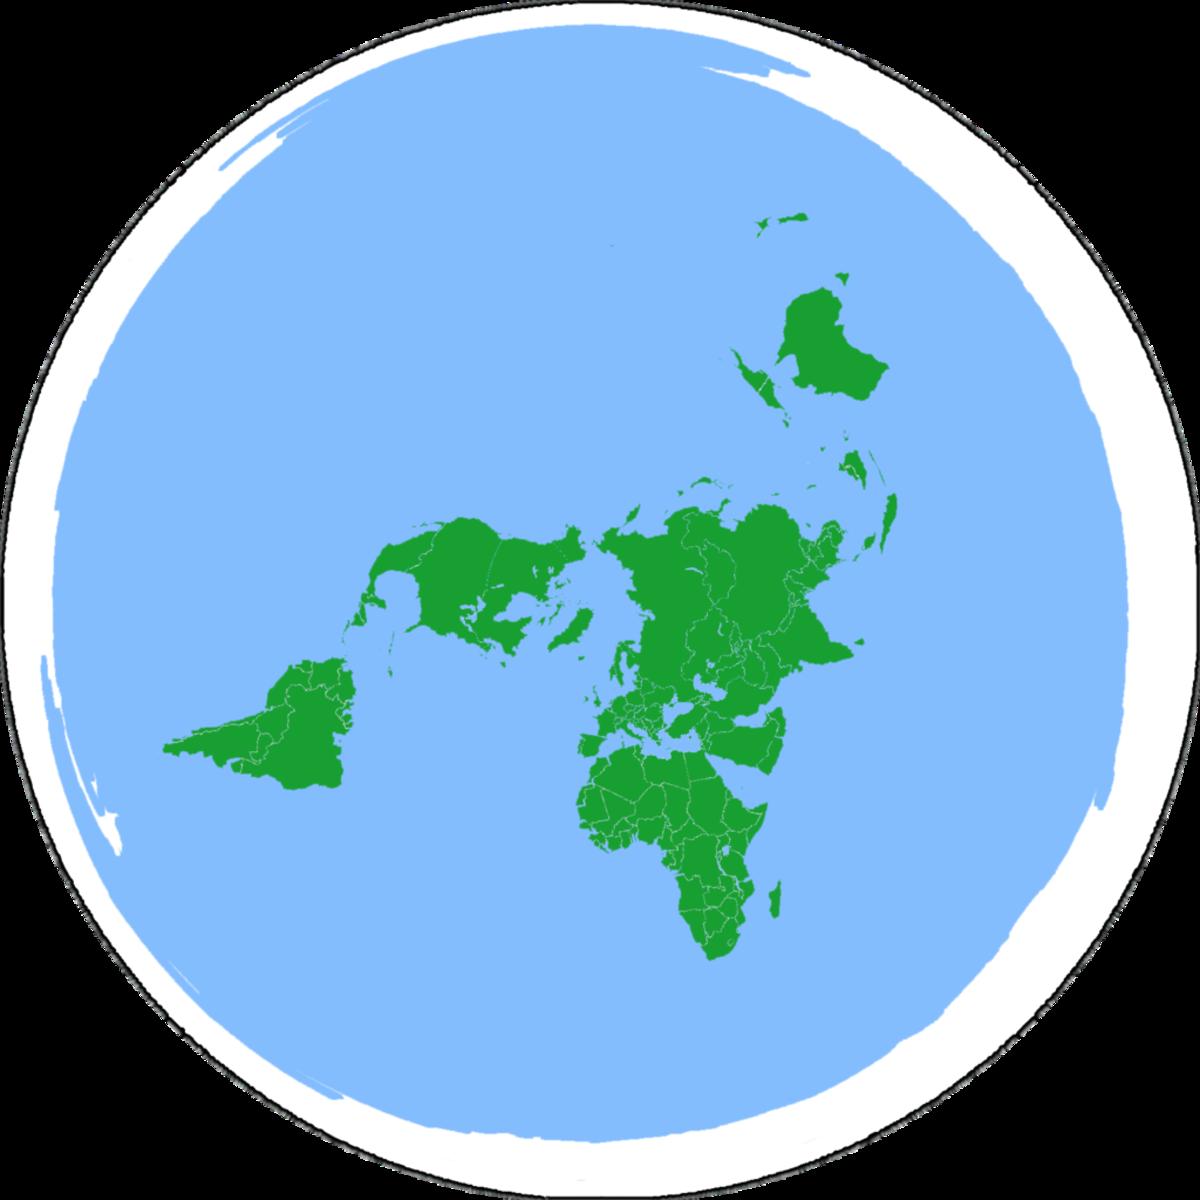 Model of a flat earth